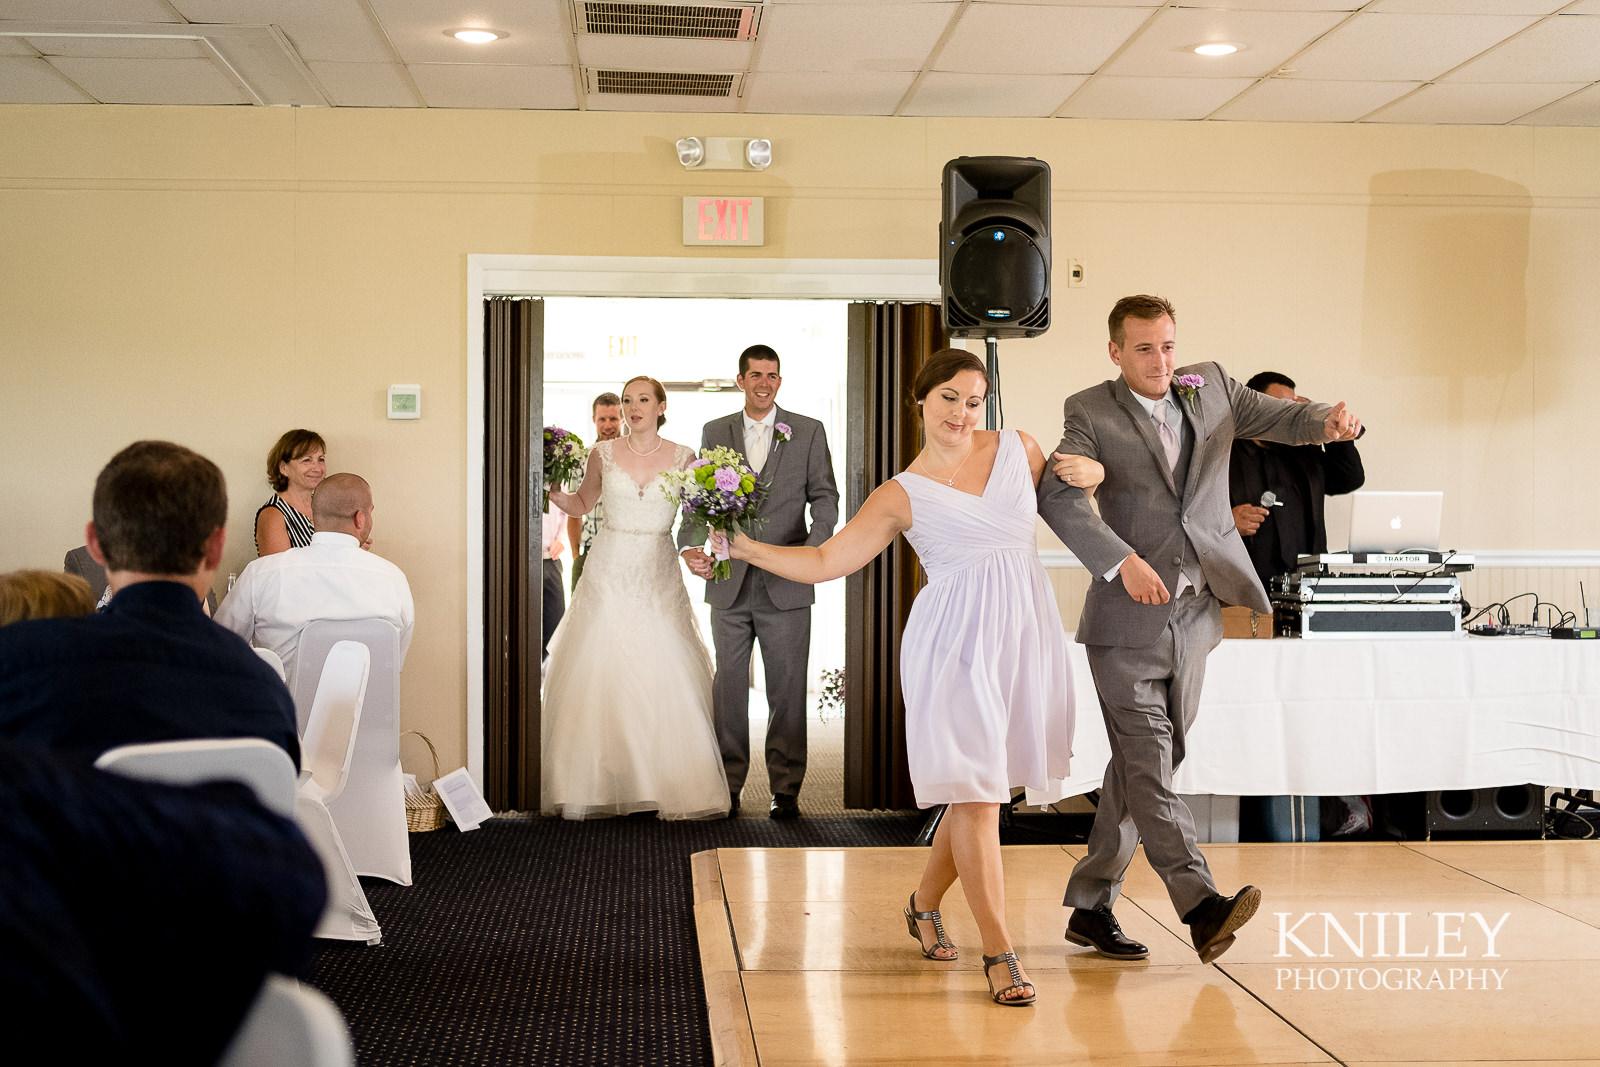 079 - Sodus Bay Heights Golf Club Wedding Pictures -XT2B5804.jpg